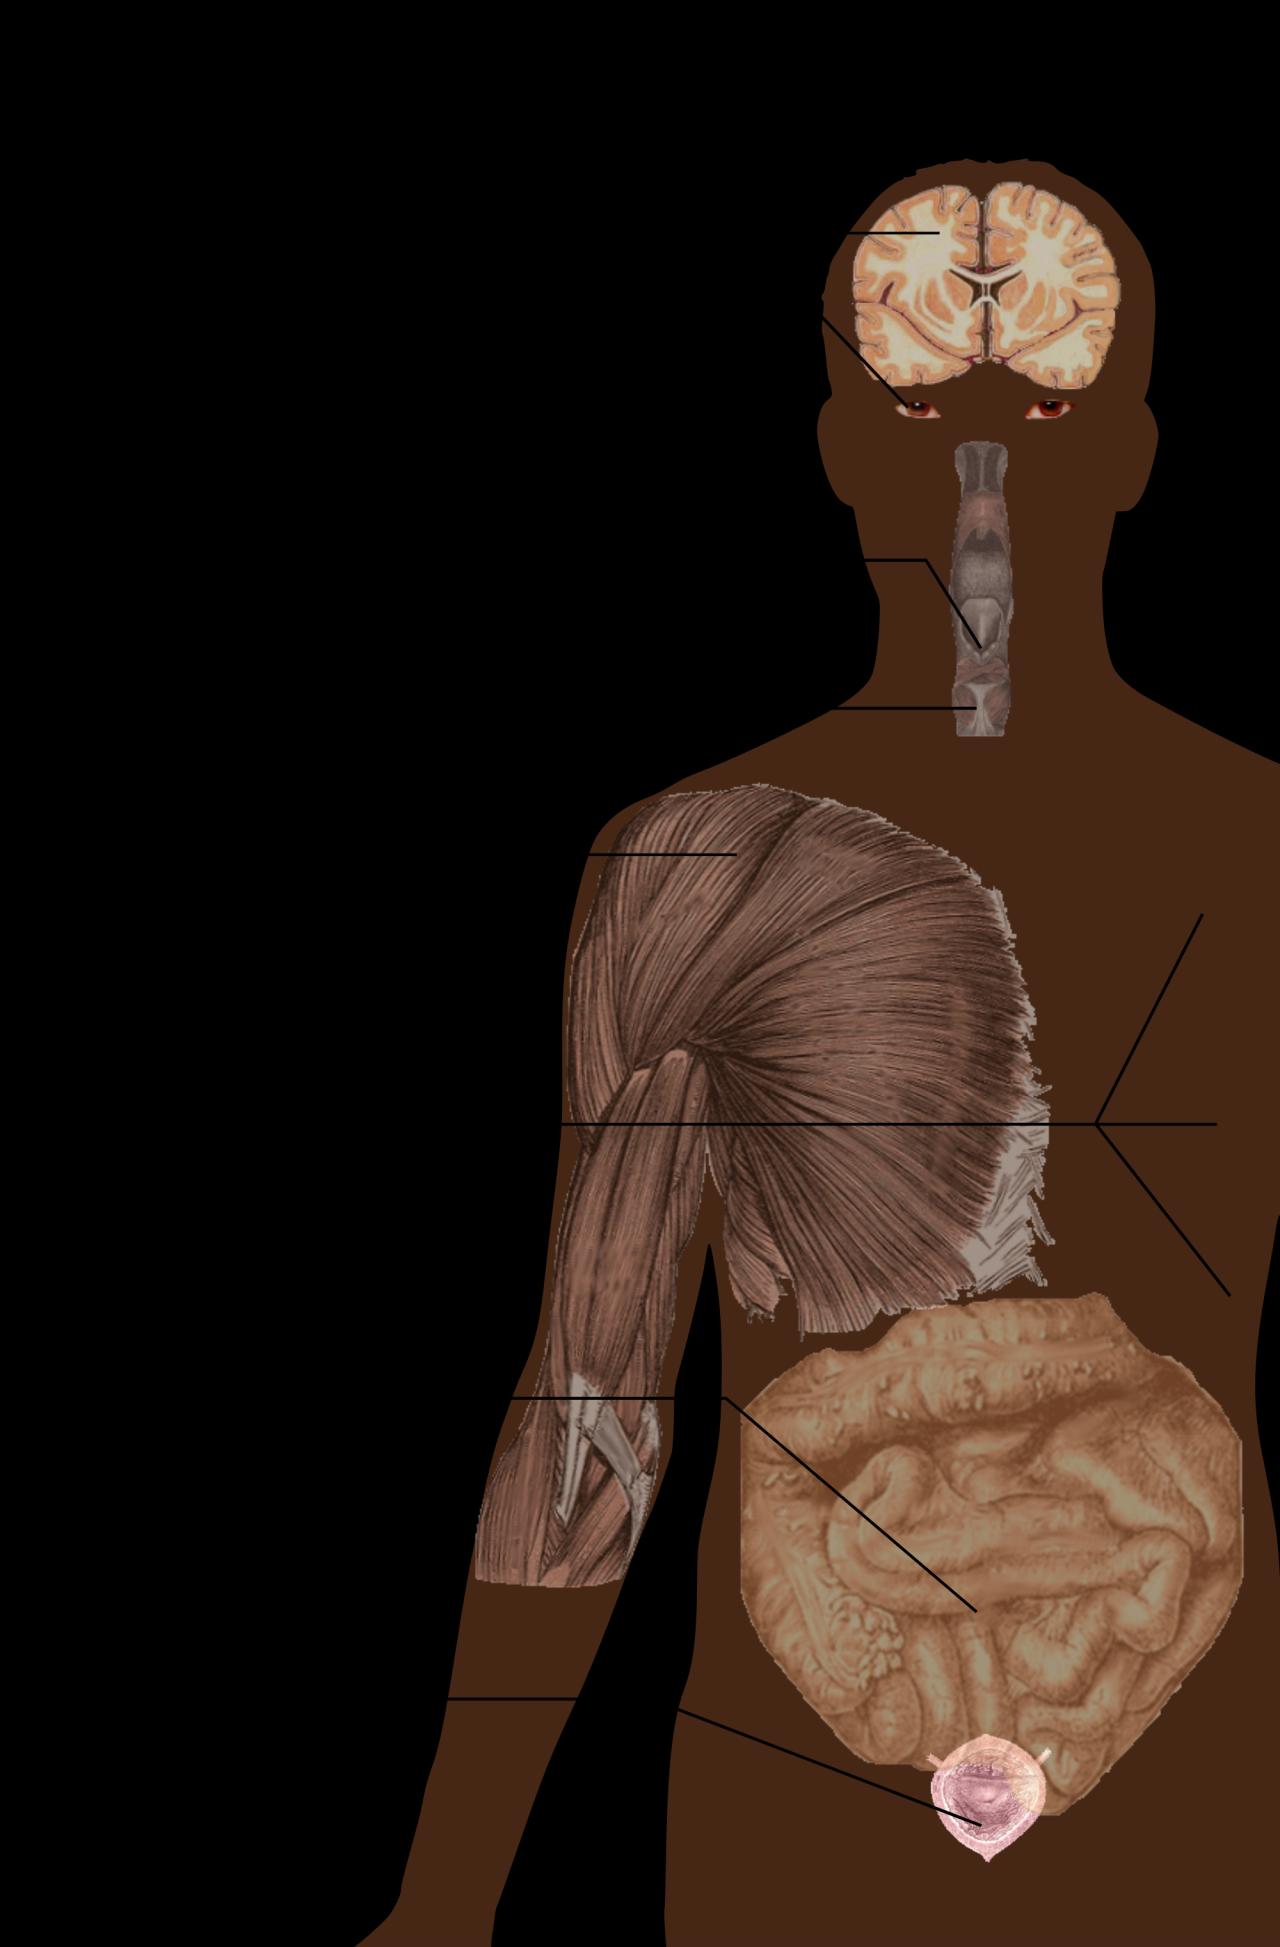 صور اعراض التصلب المتعدد , امراض الجهاز العصبى المتعدده